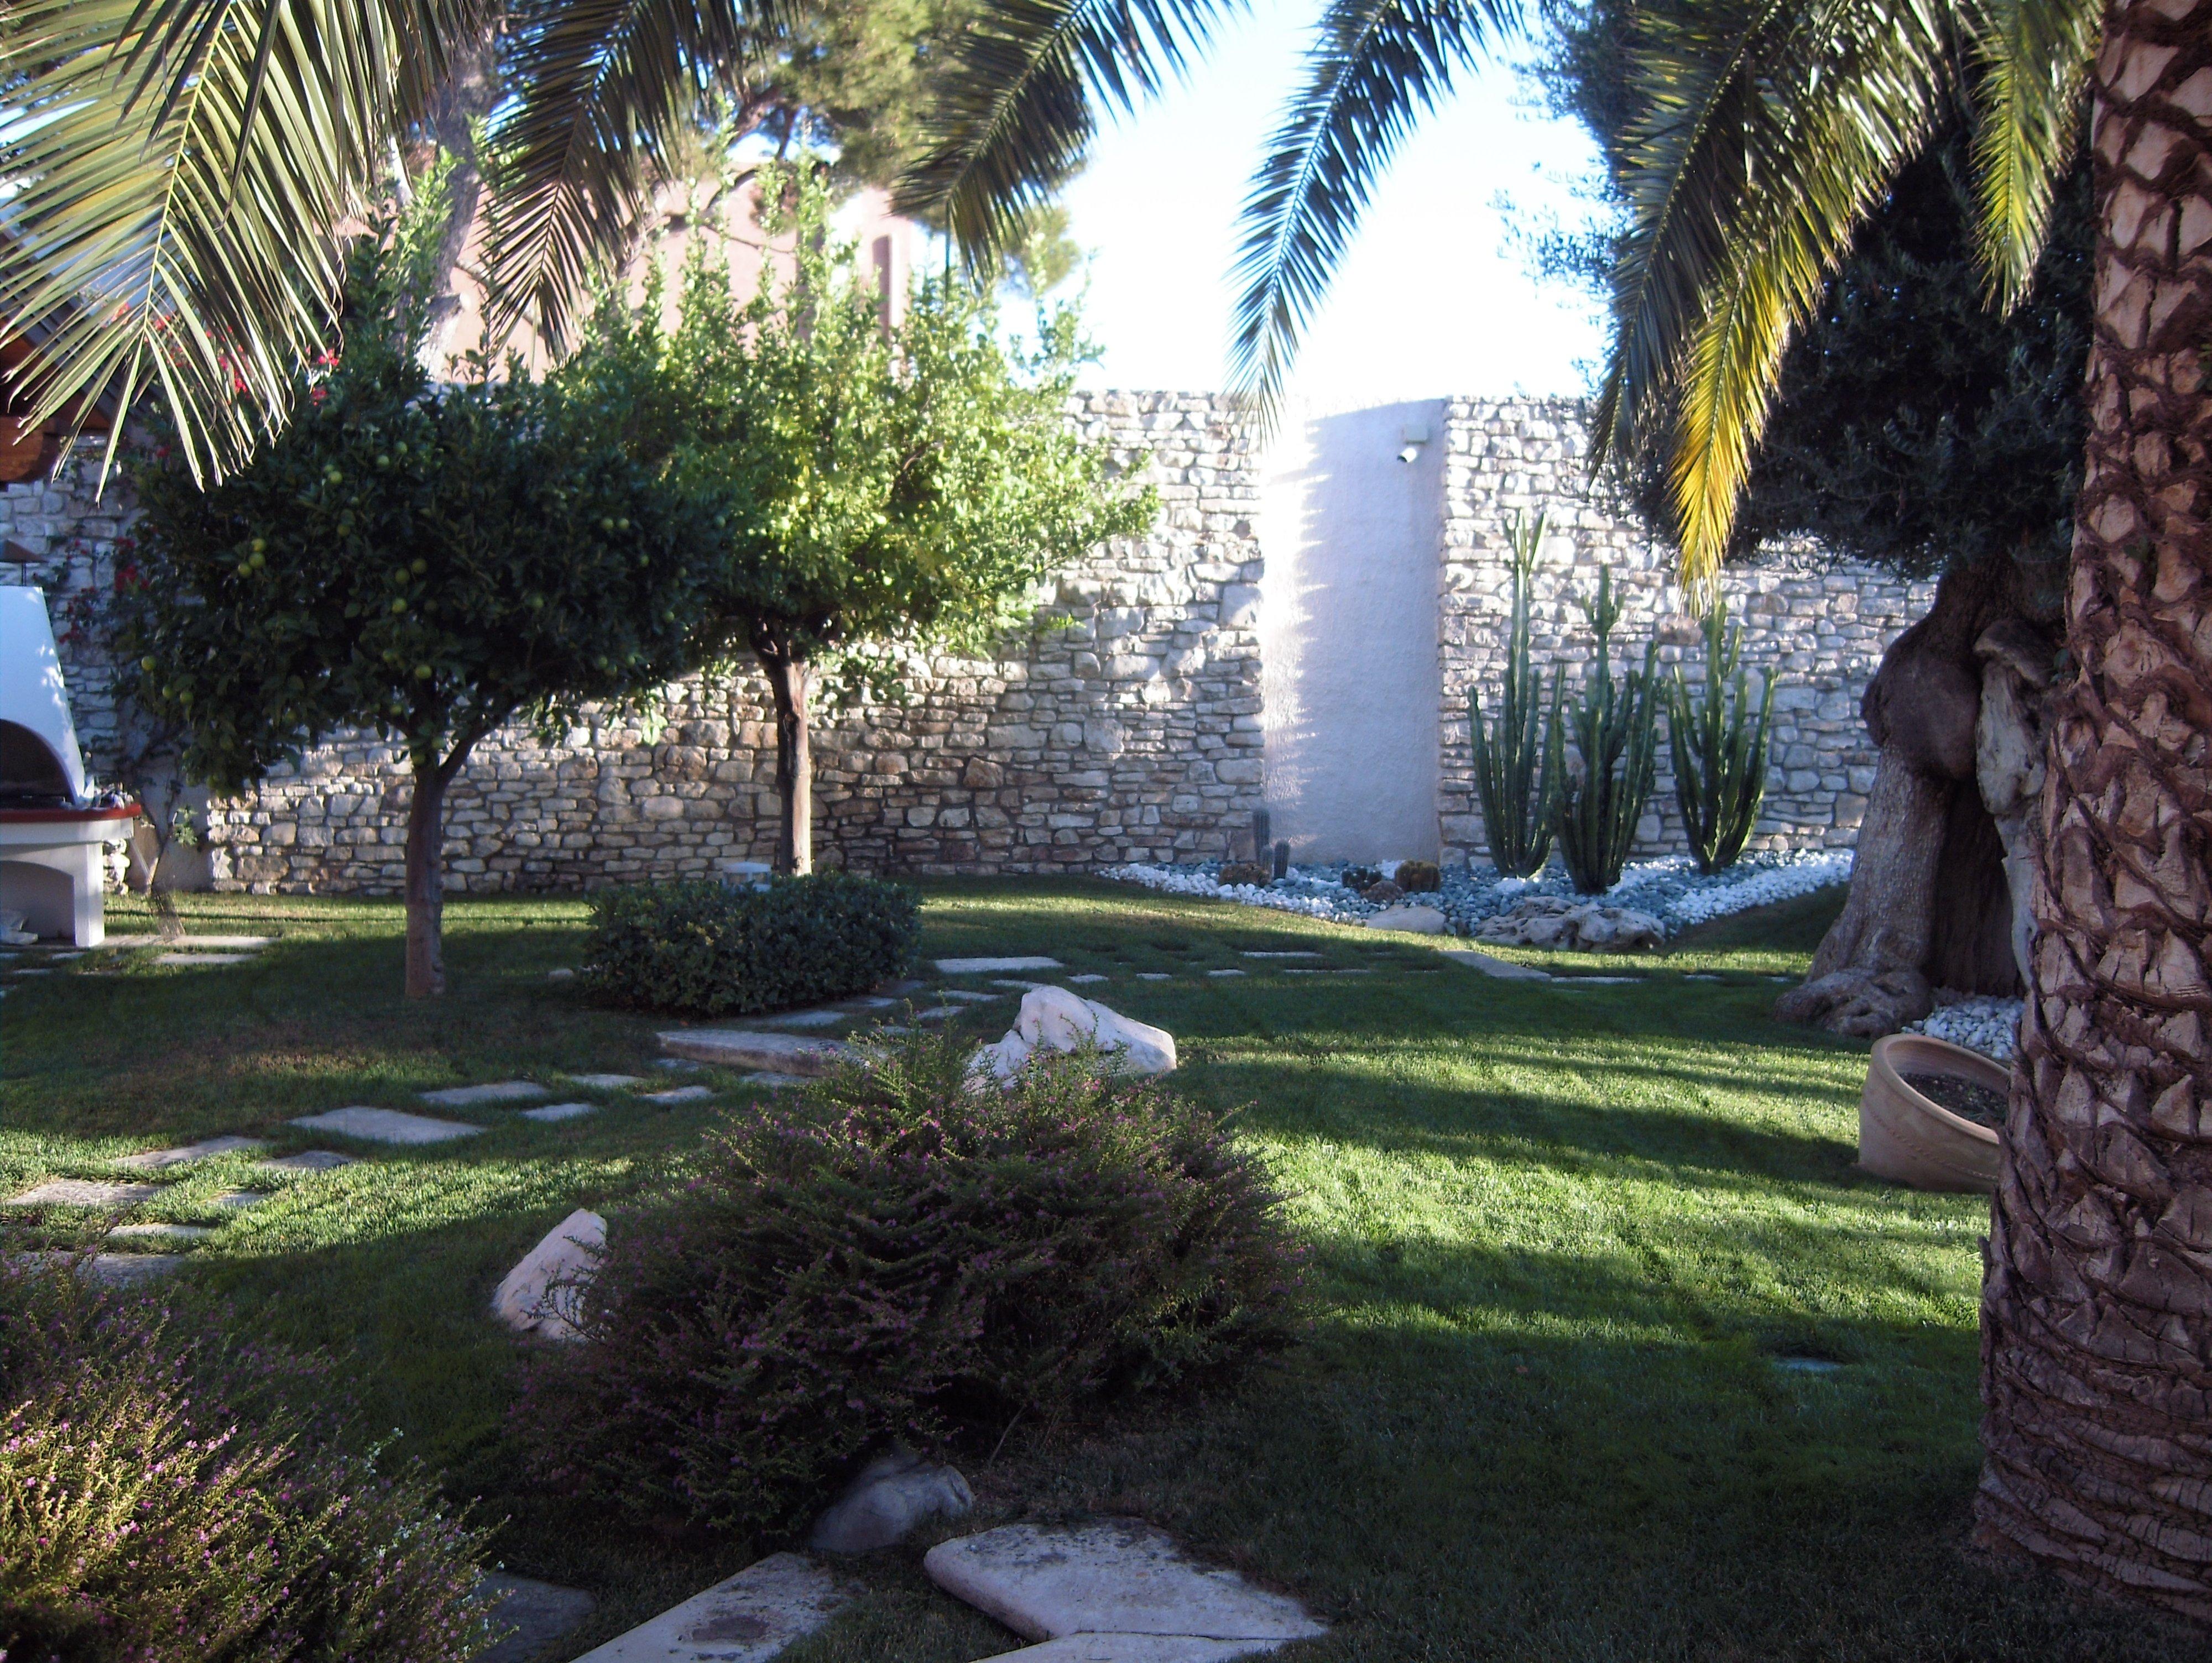 Giardino ben curato con siepi e alberi